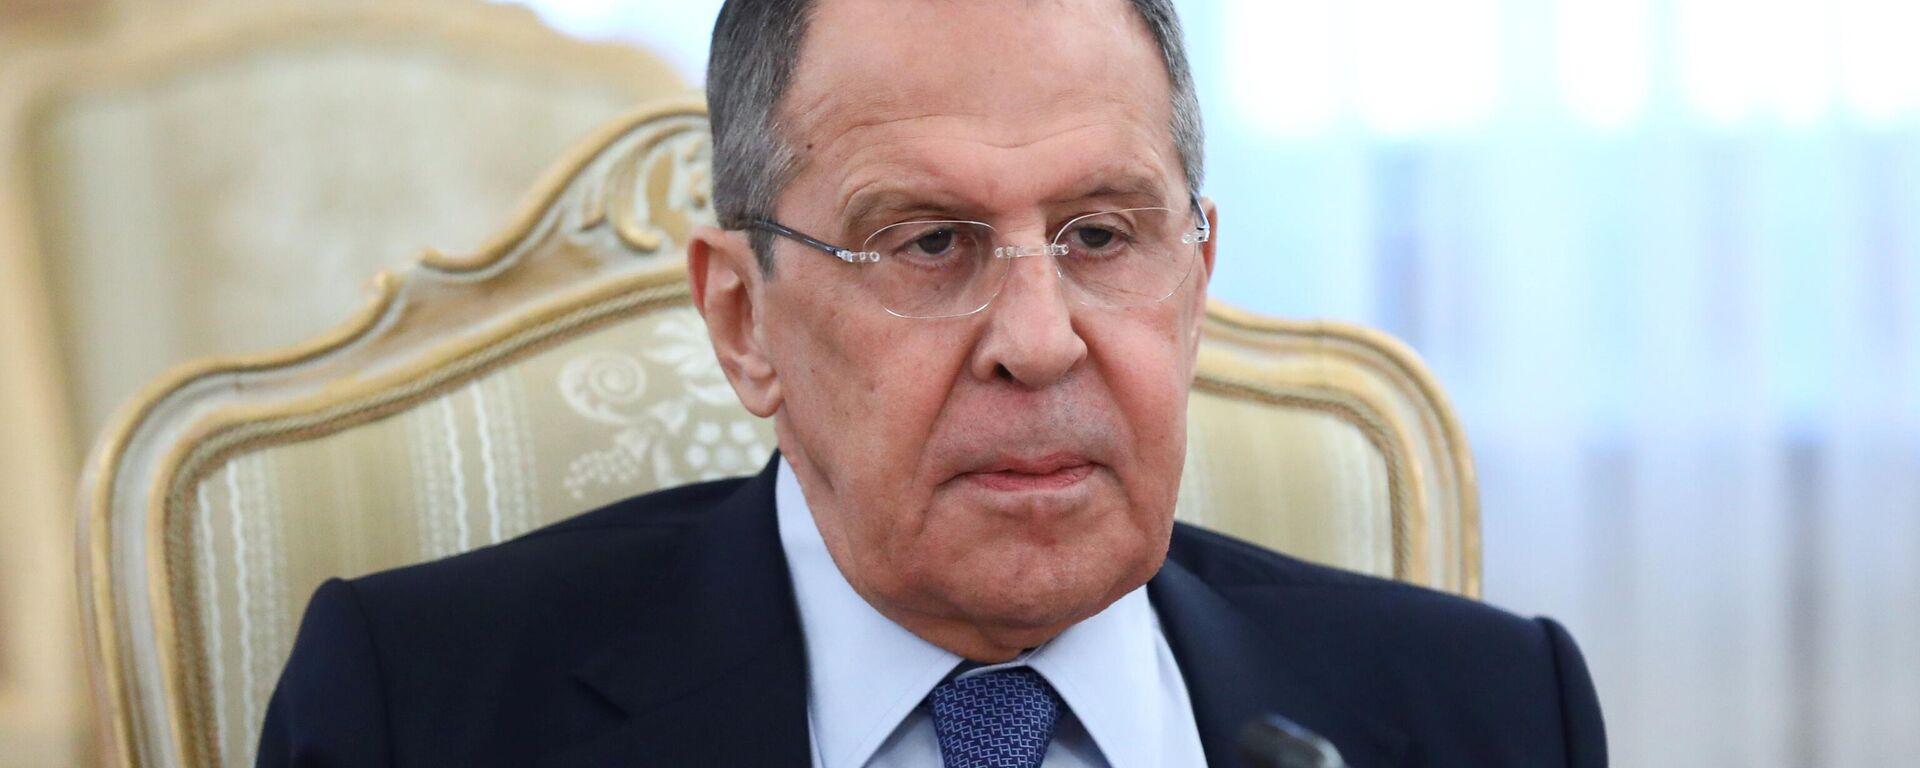 Serguéi Lavrov, el ministro ruso de Exteriores - Sputnik Mundo, 1920, 07.07.2021